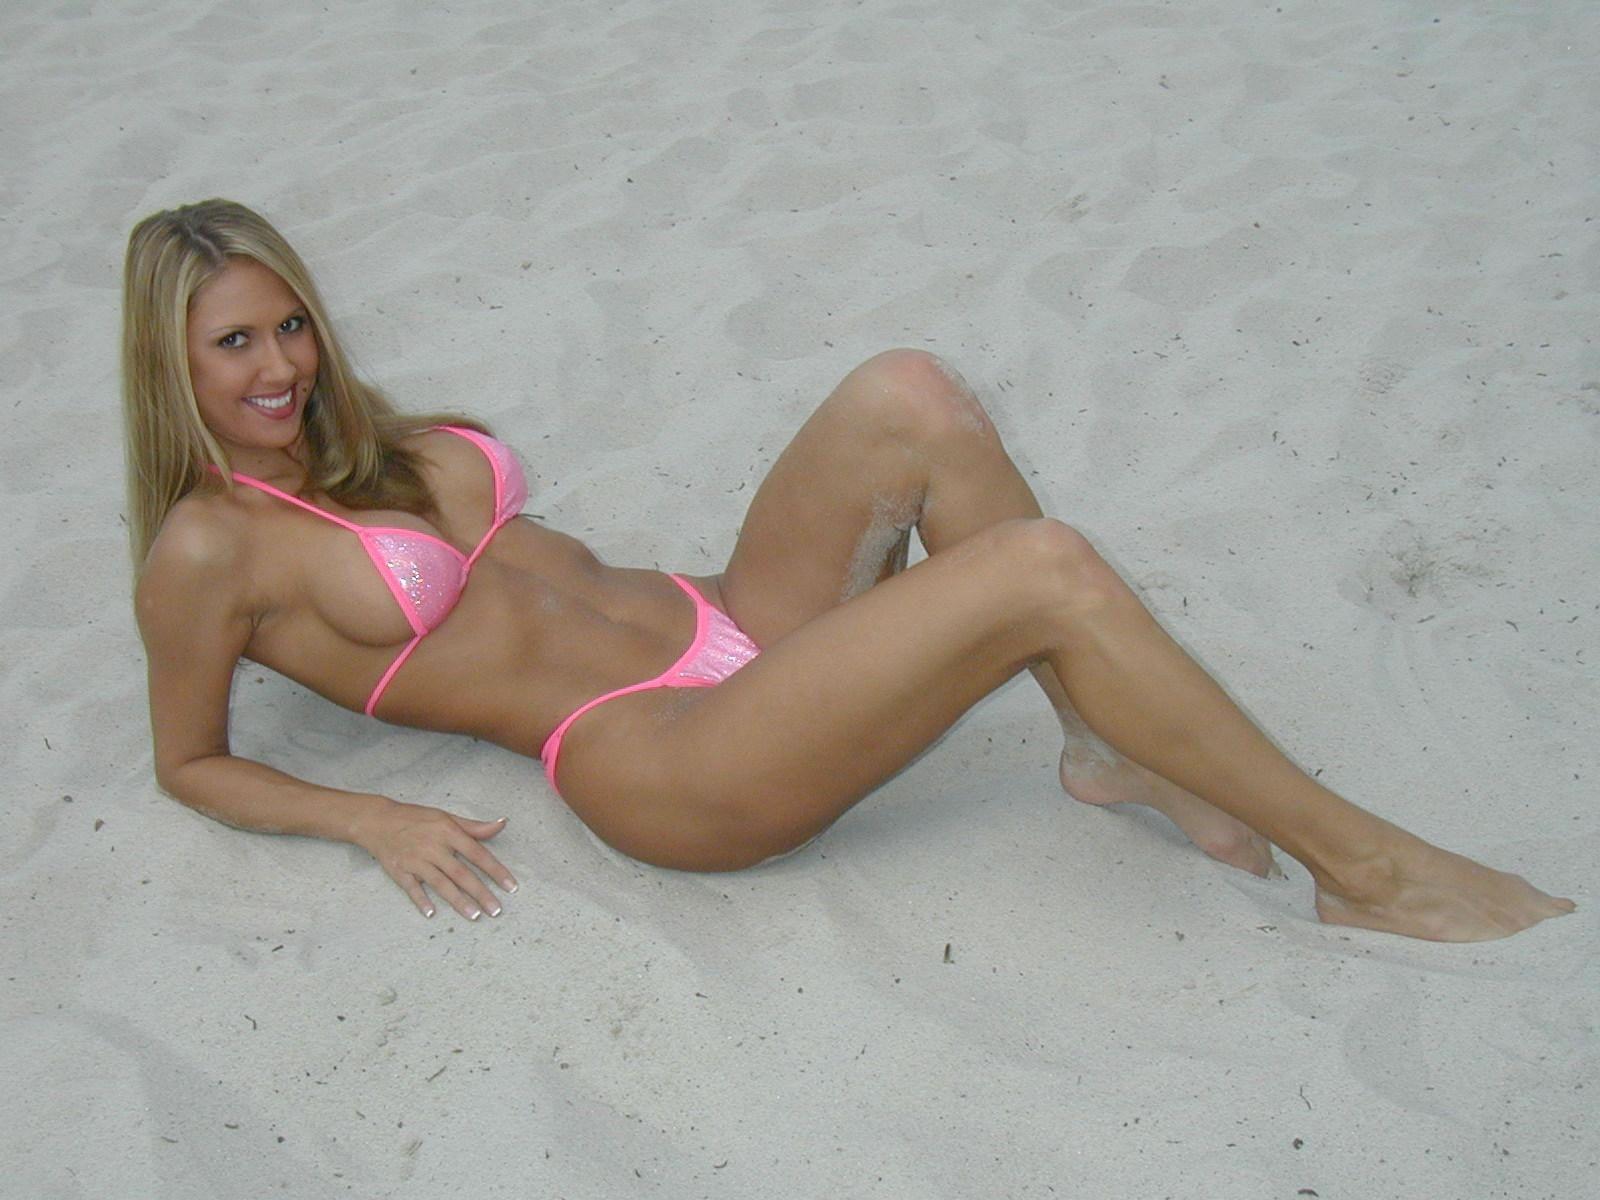 vietnam sex nude model